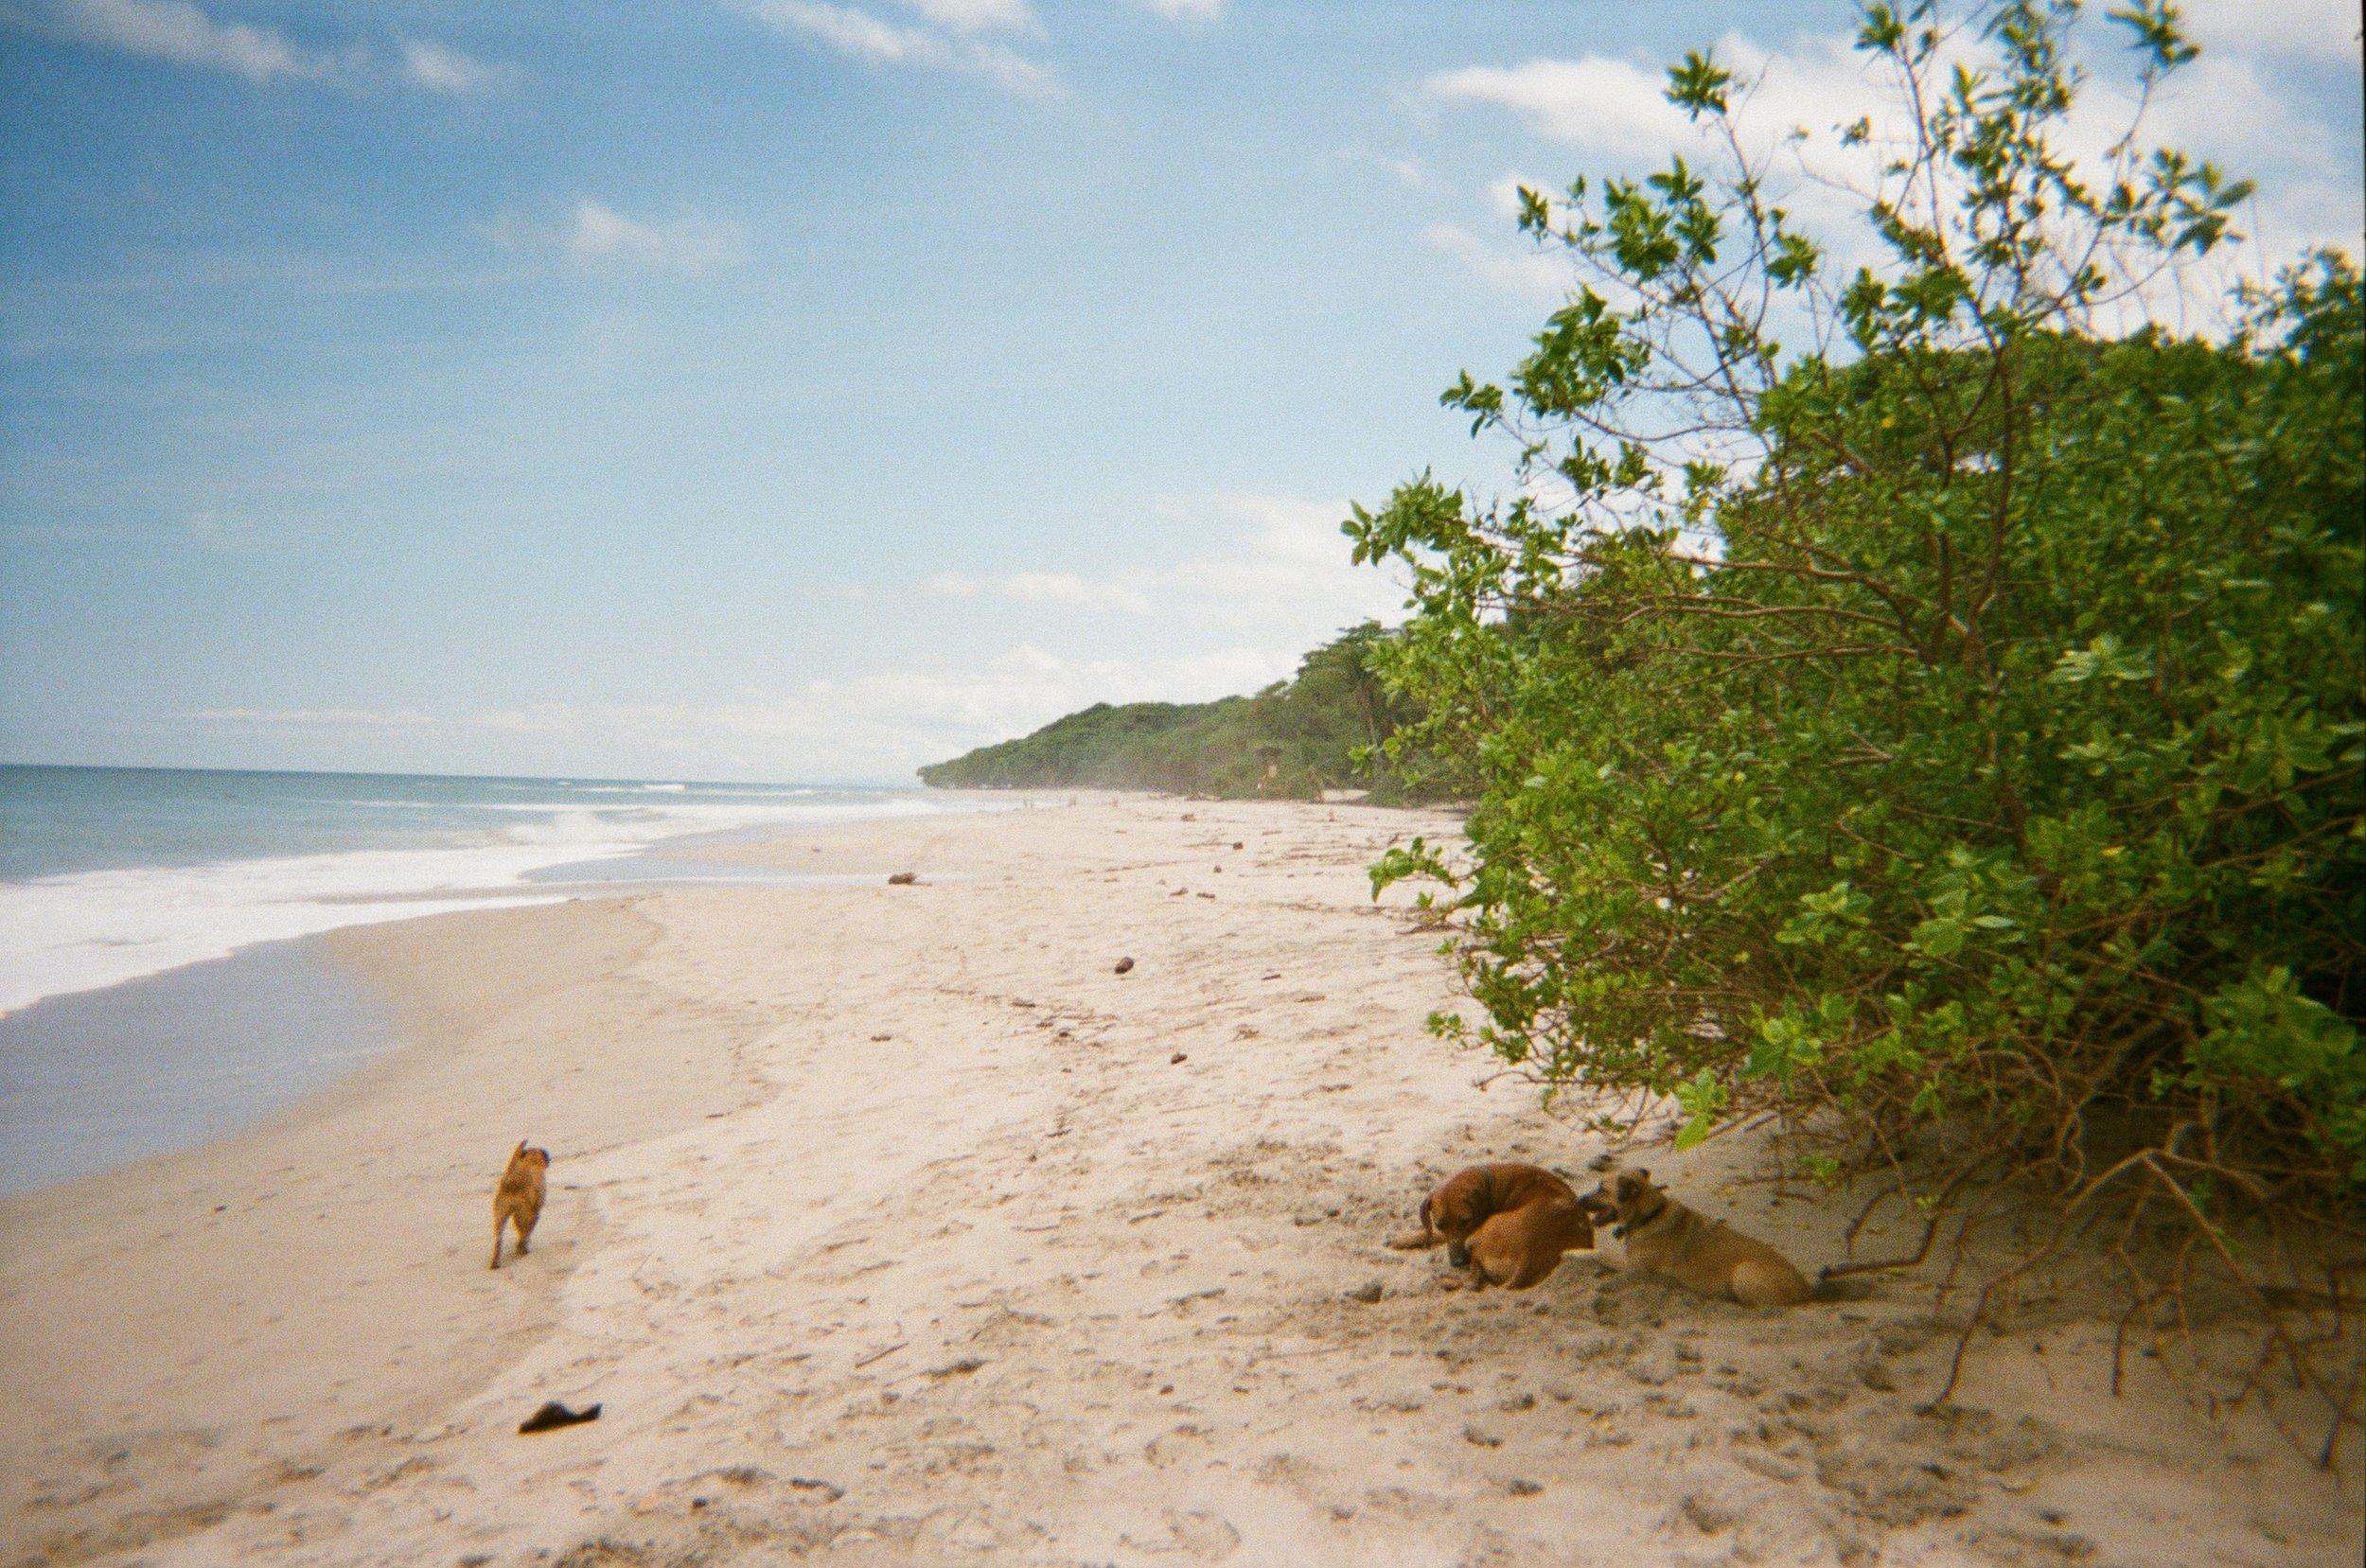 Beach doggos